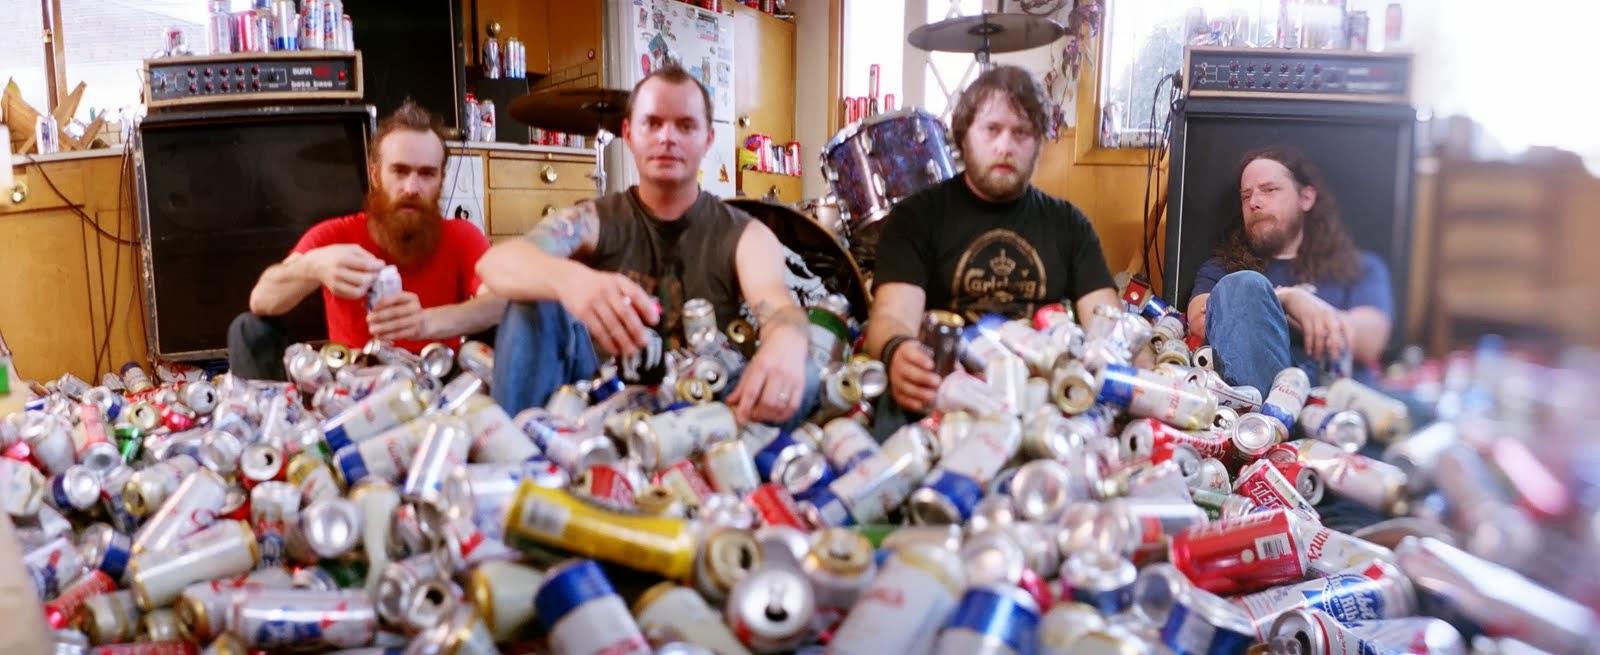 Un millón de latas de cerveza (fotografía: Red Fang).